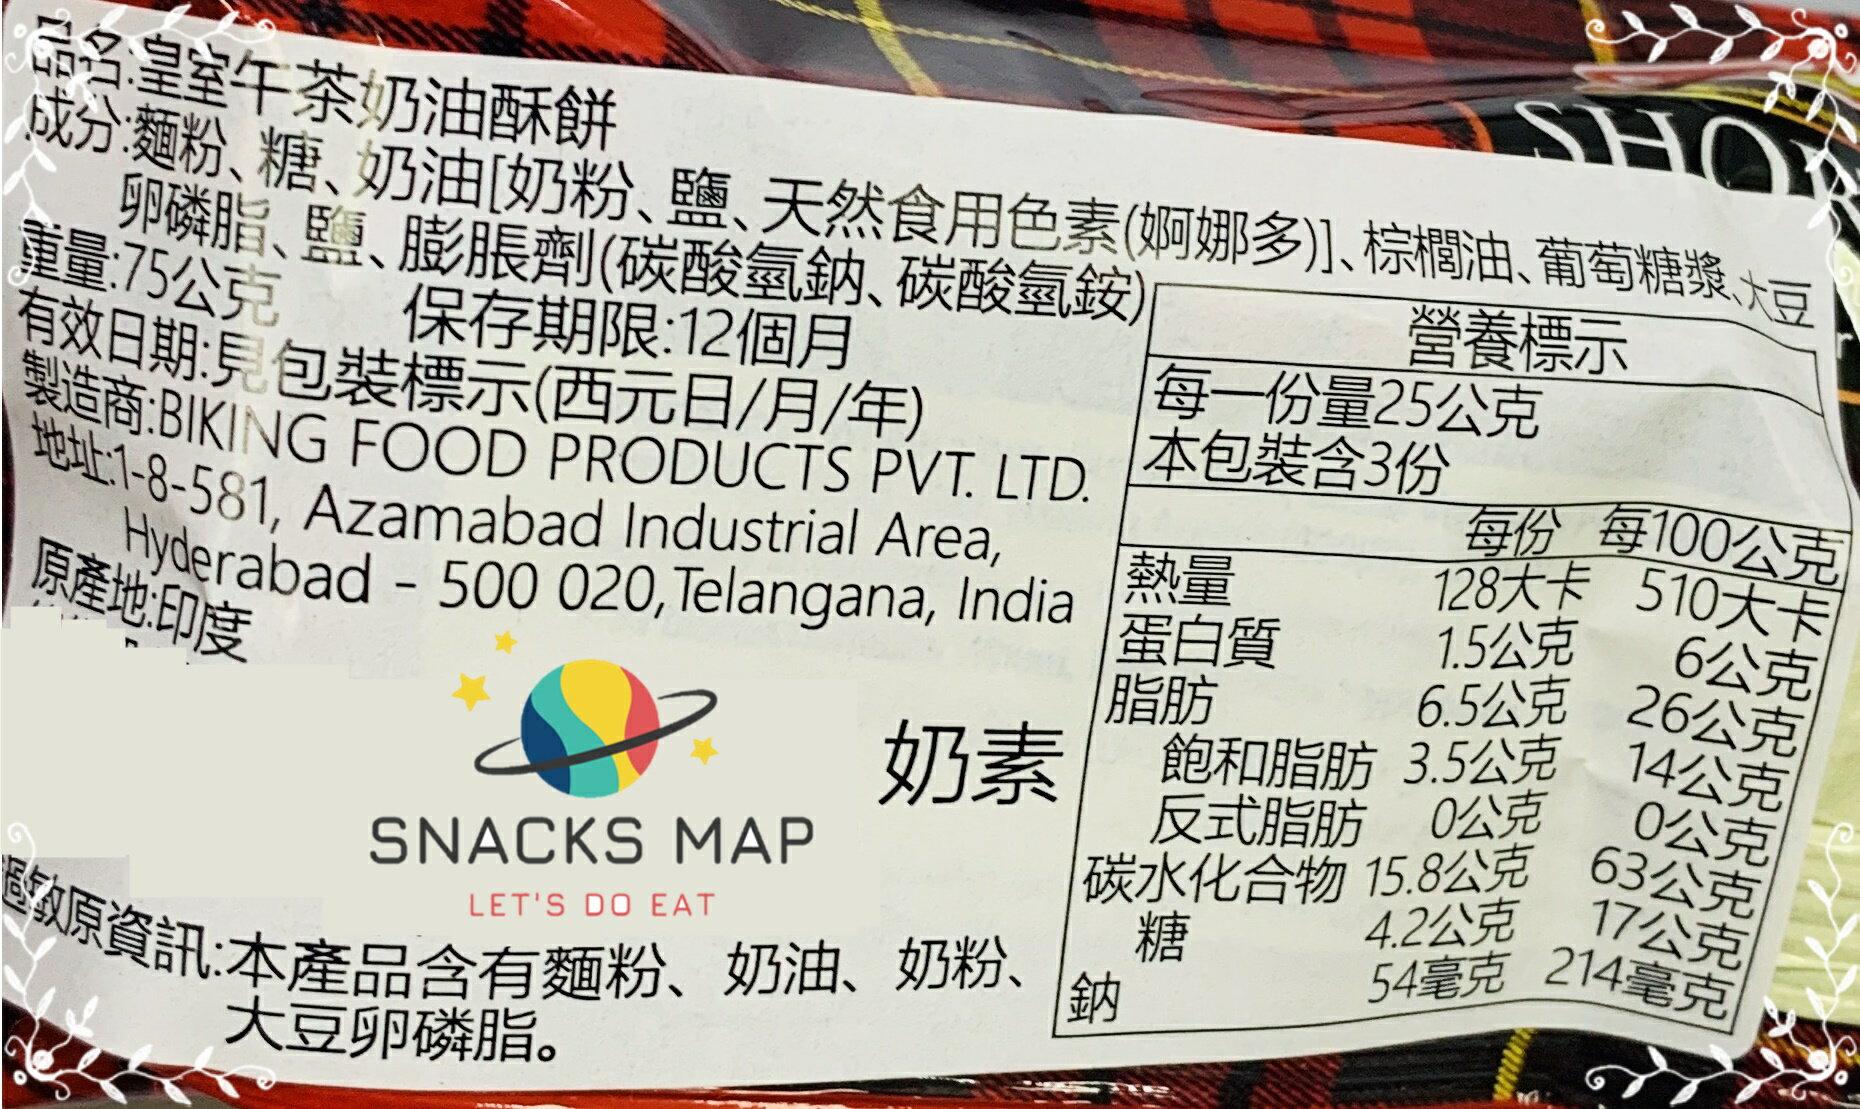 [SNACKS MAP零食地圖]皇室午茶奶油酥餅餅乾 零食 皇家 奶酥 奶油酥 奶油酥餅 酥餅 下午茶 午茶 餅乾 奶素